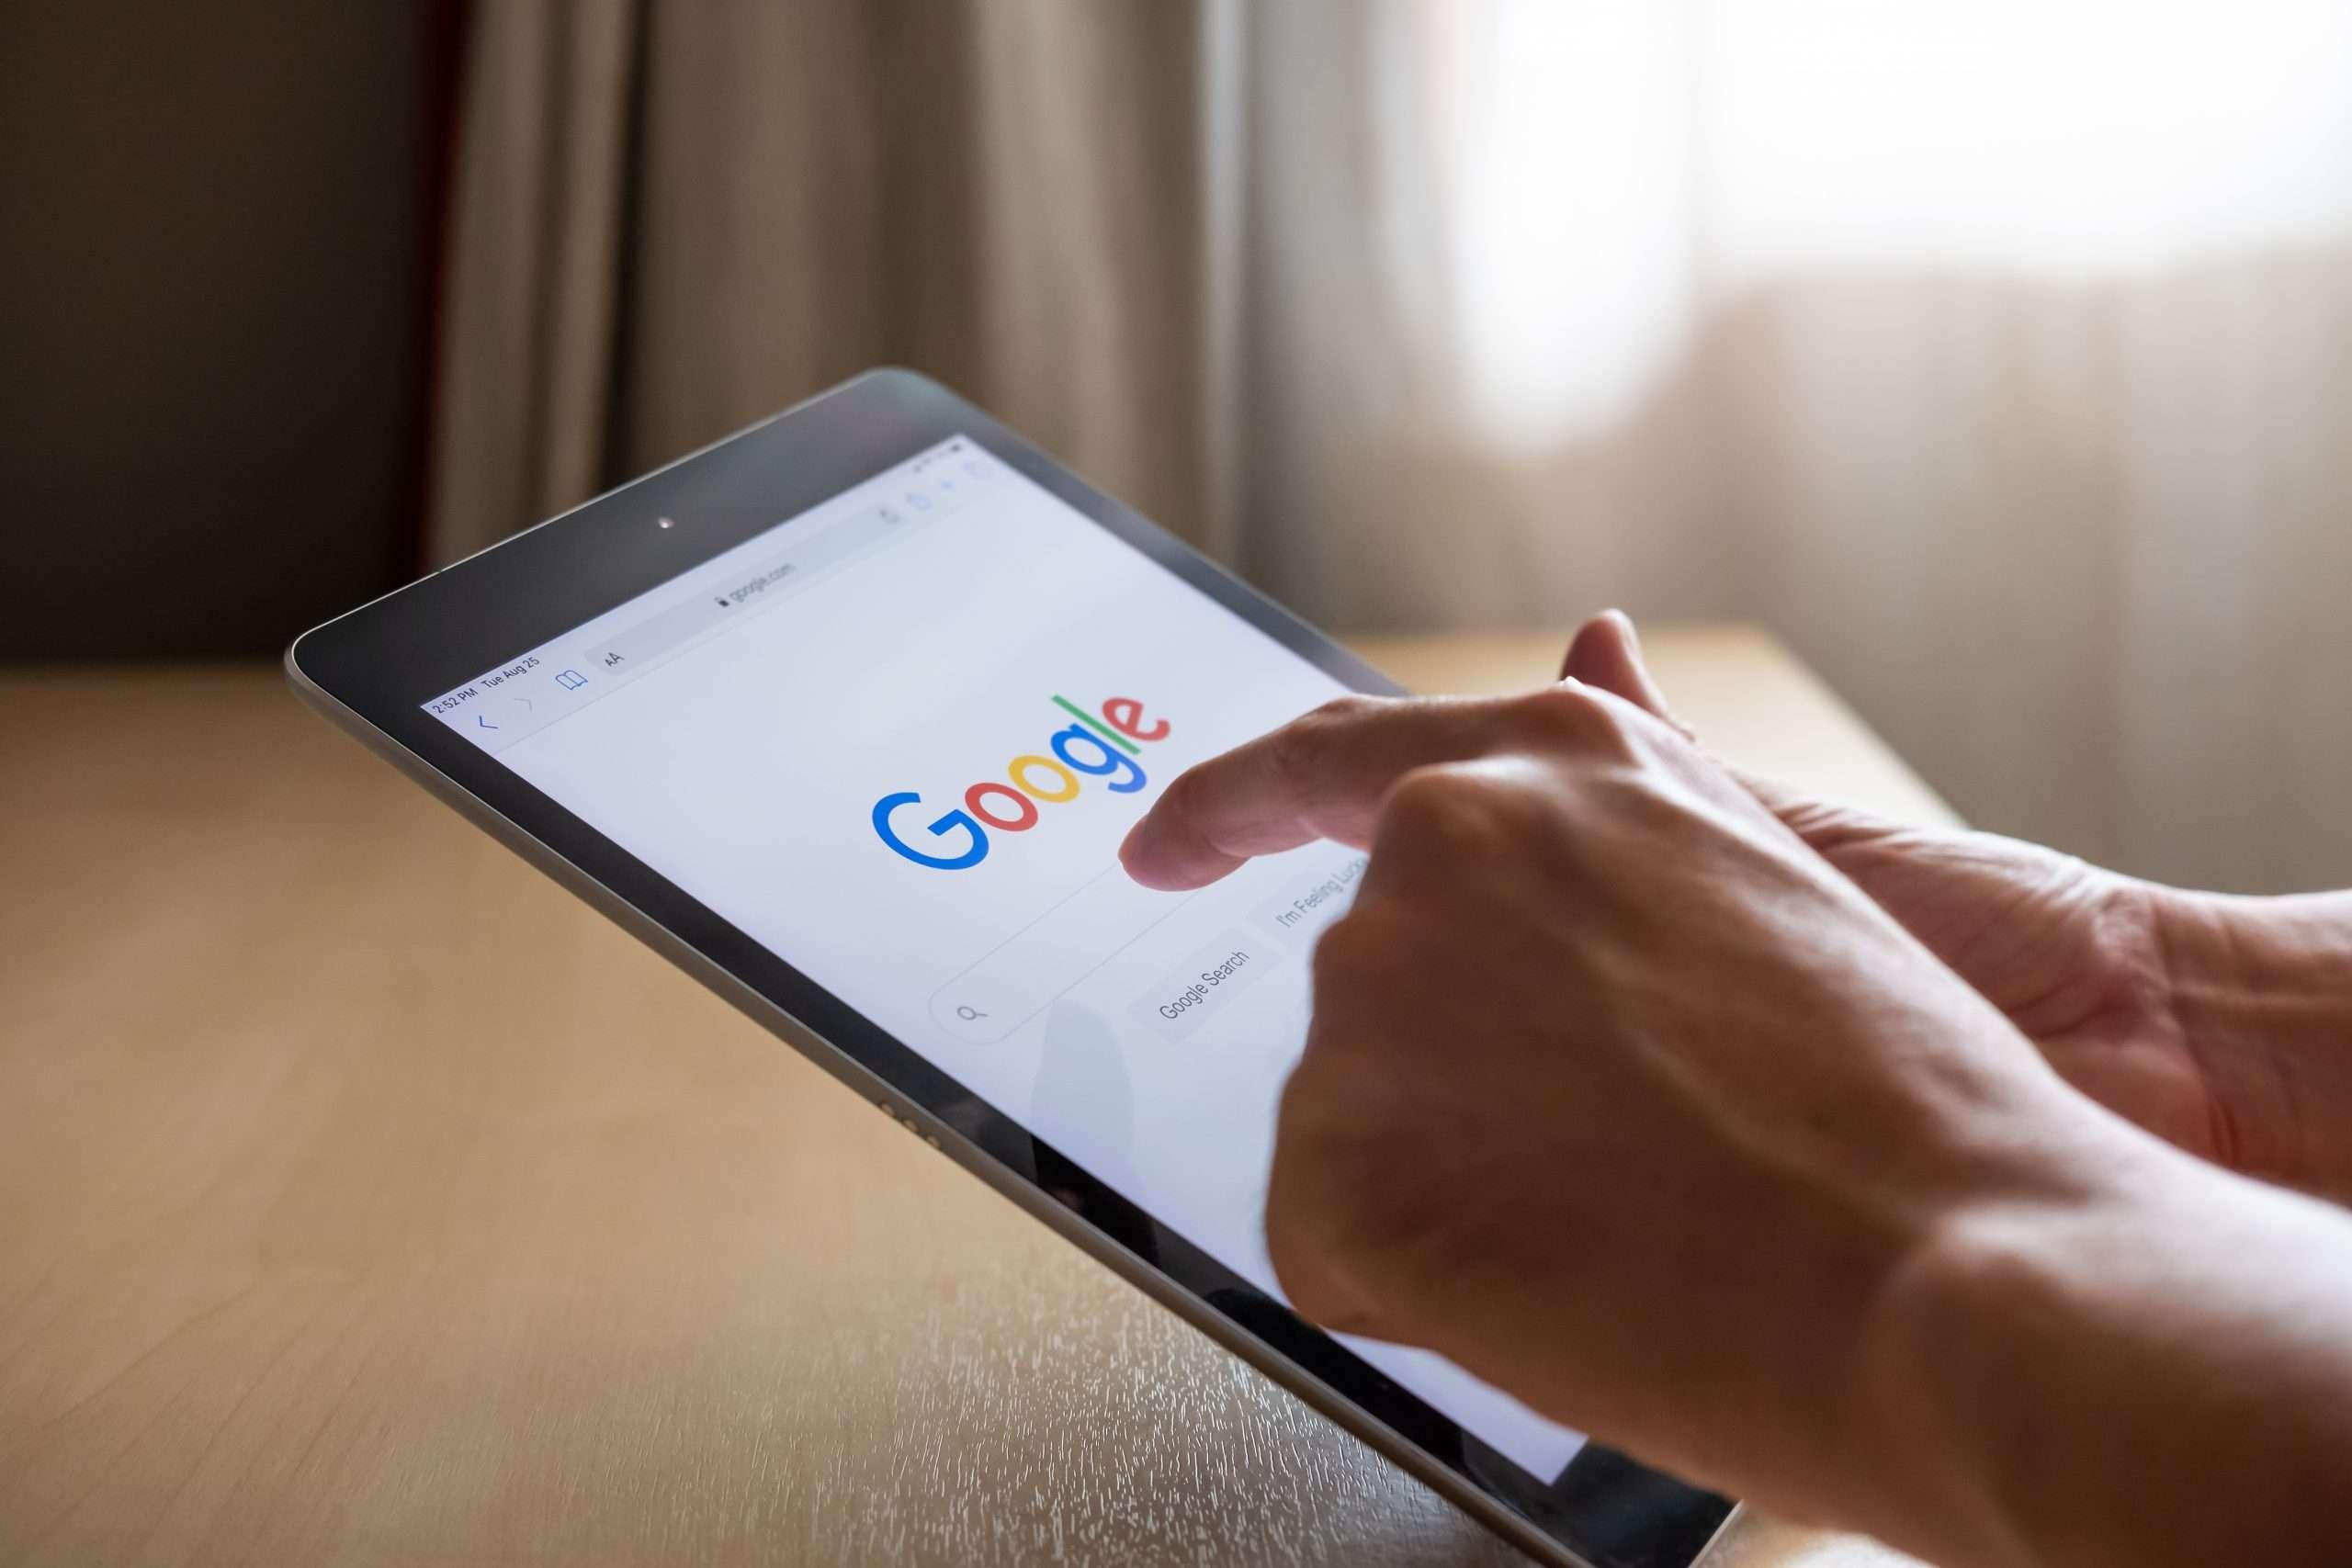 Google Image on Tablet